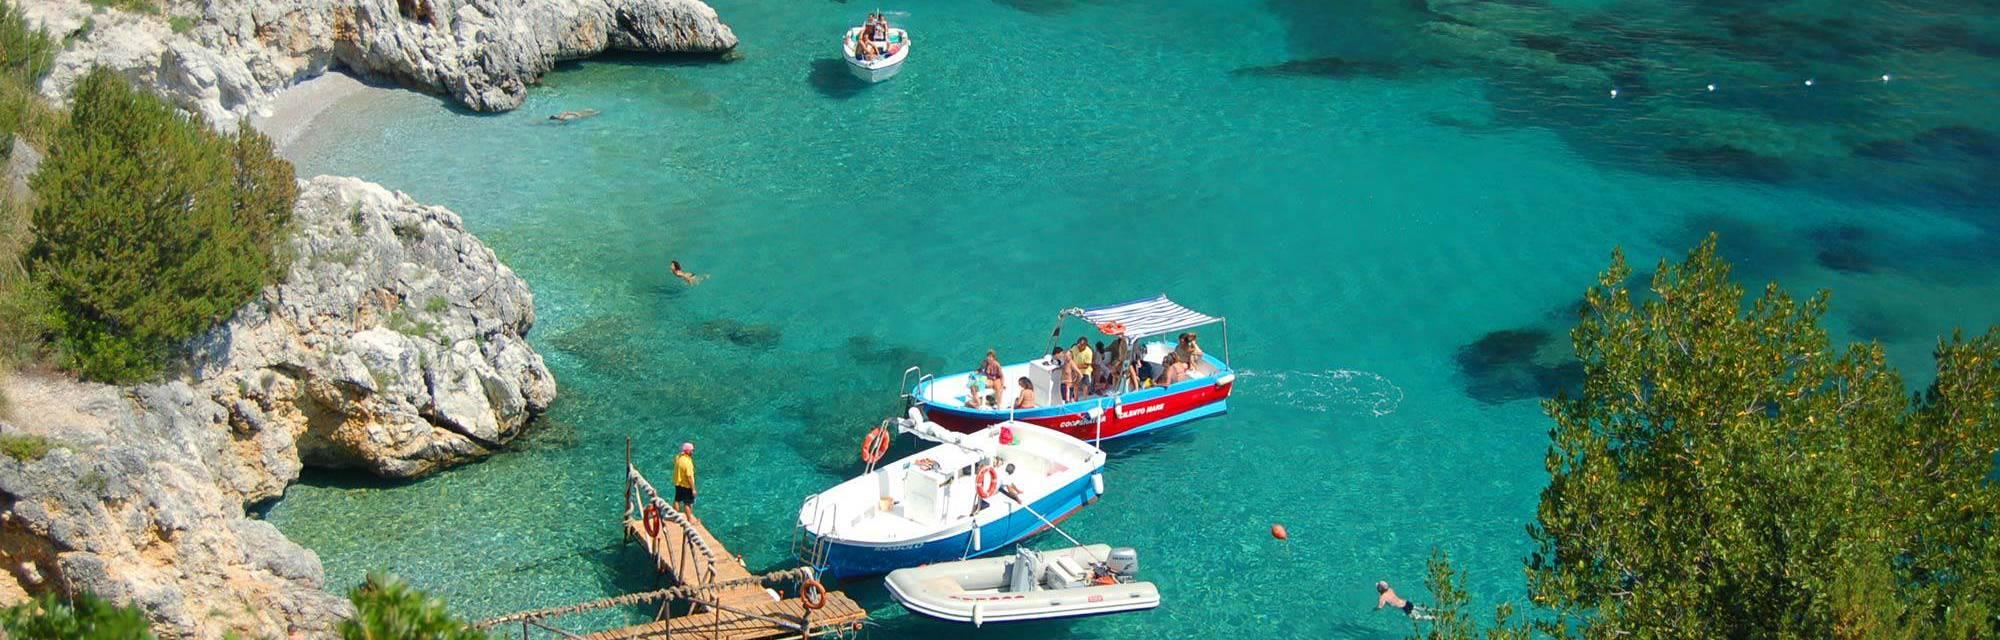 Spiaggia, Costa & Mare a Palinuro, Marbella Club